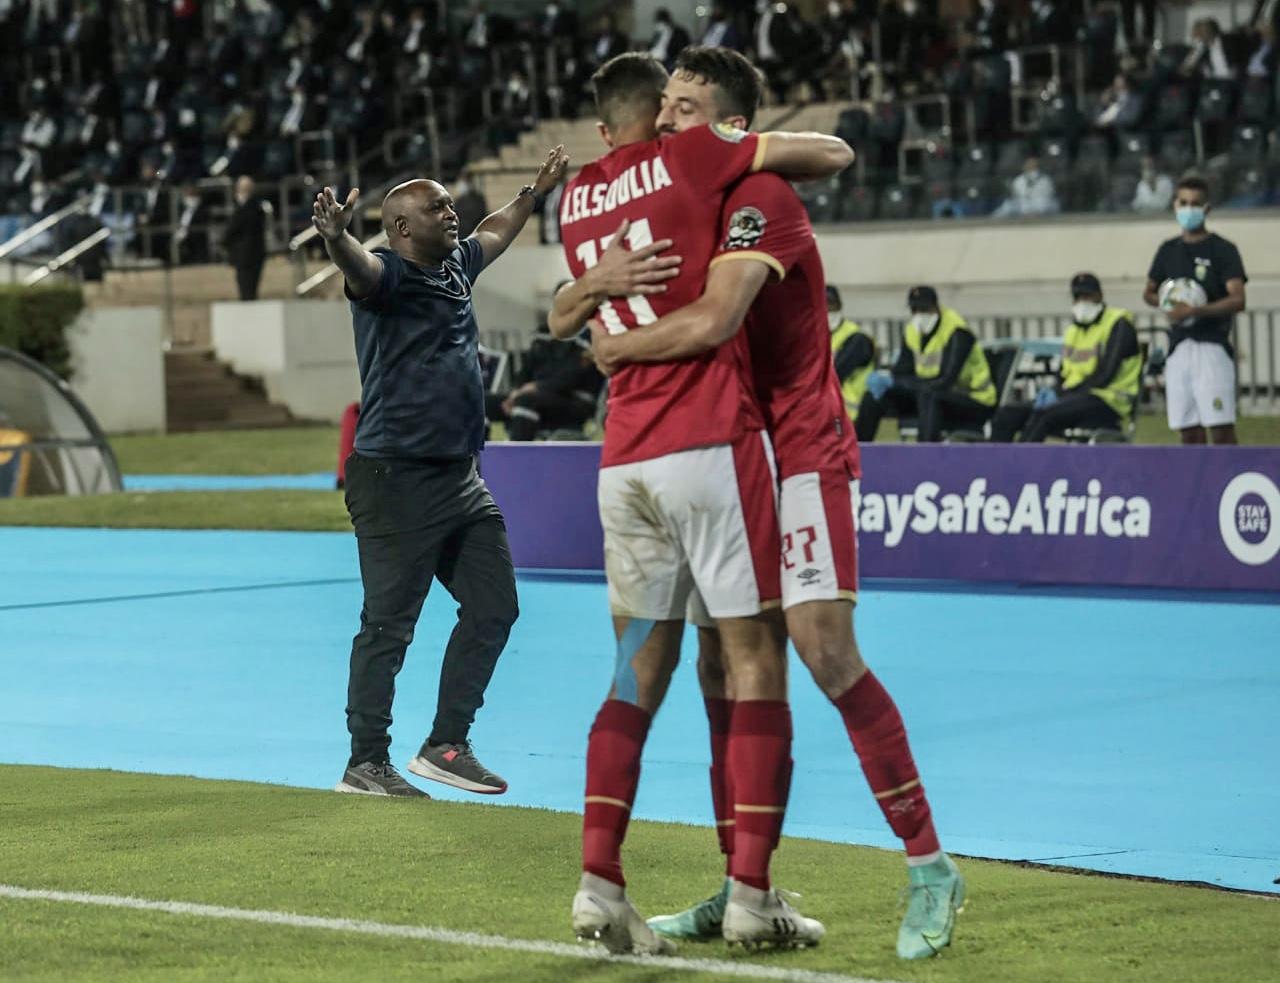 دوري أبطال إفريقيا| السولية يسجل الهدف الثالث للأهلي في مرمى كايزر تشيفز